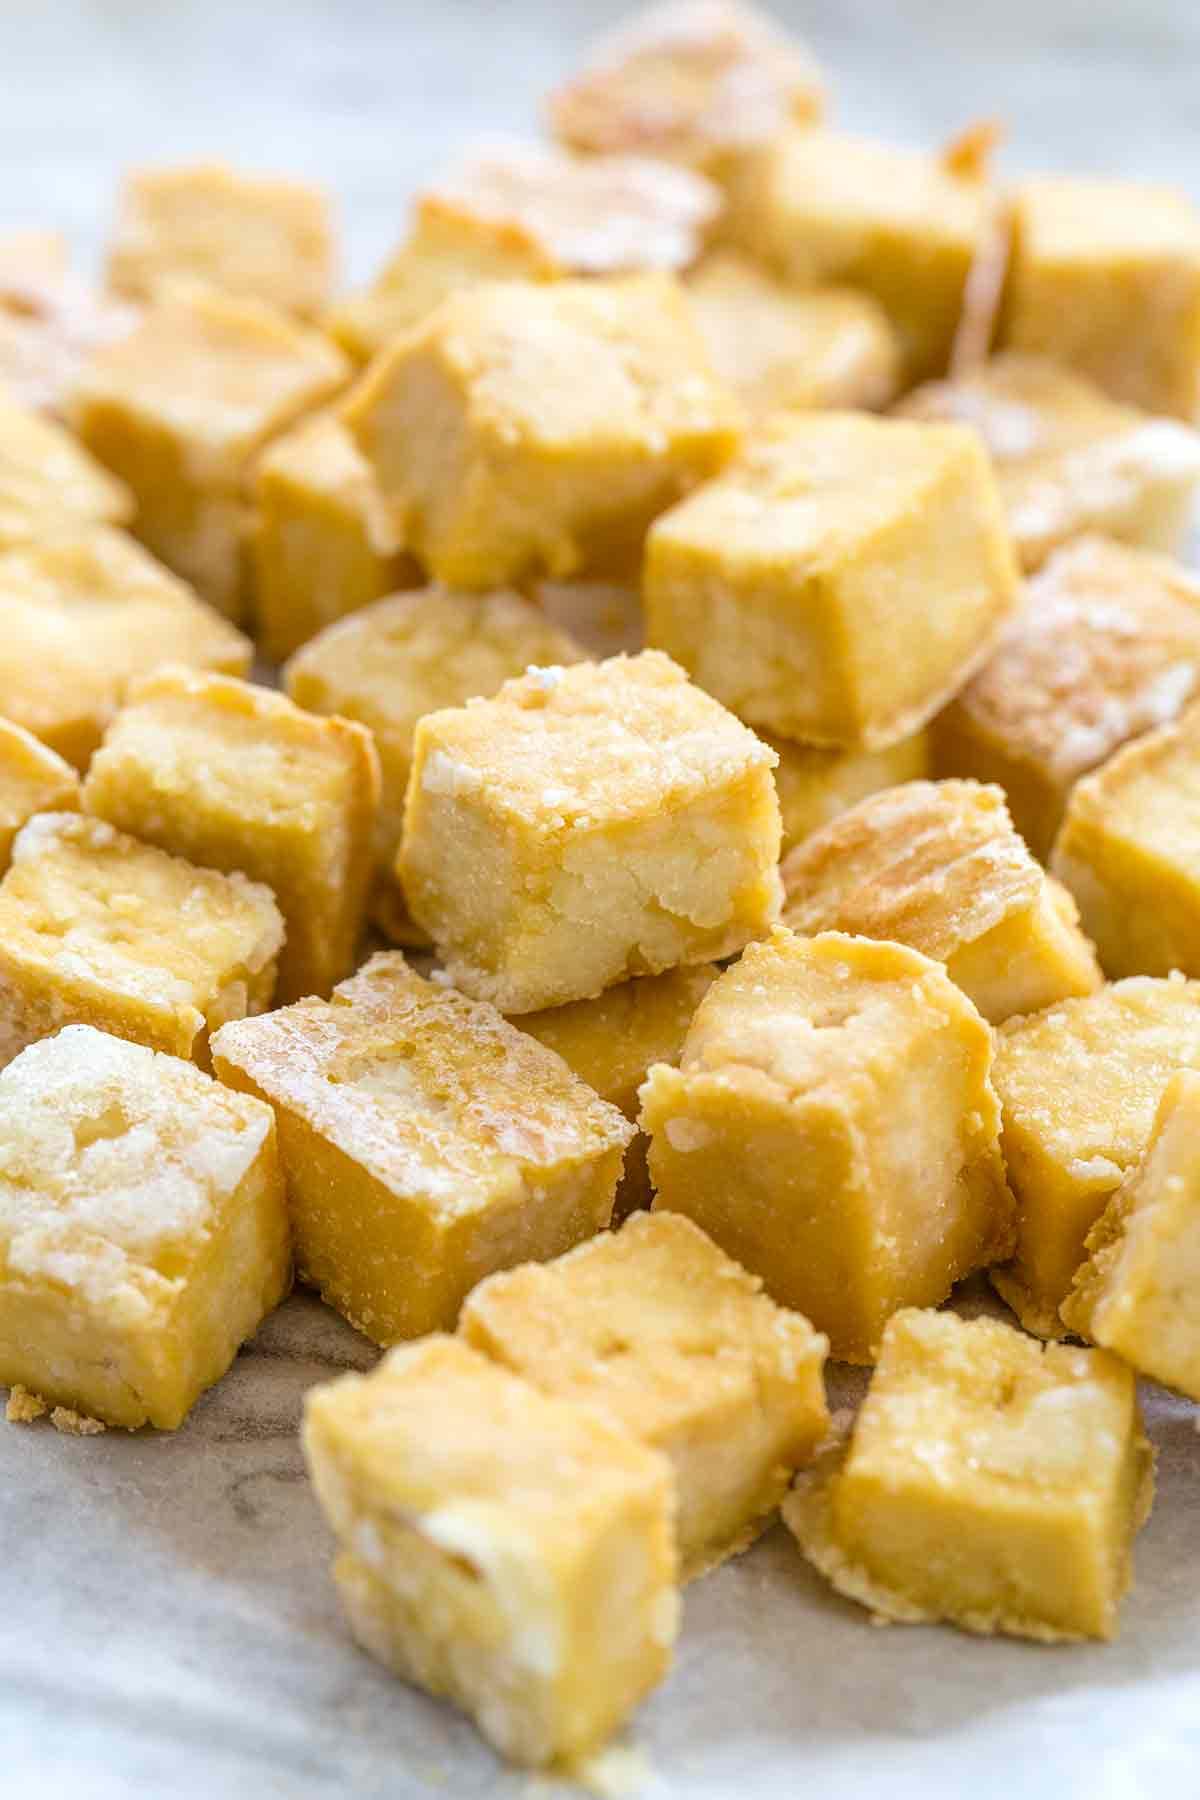 Crispy baked tofu cubes